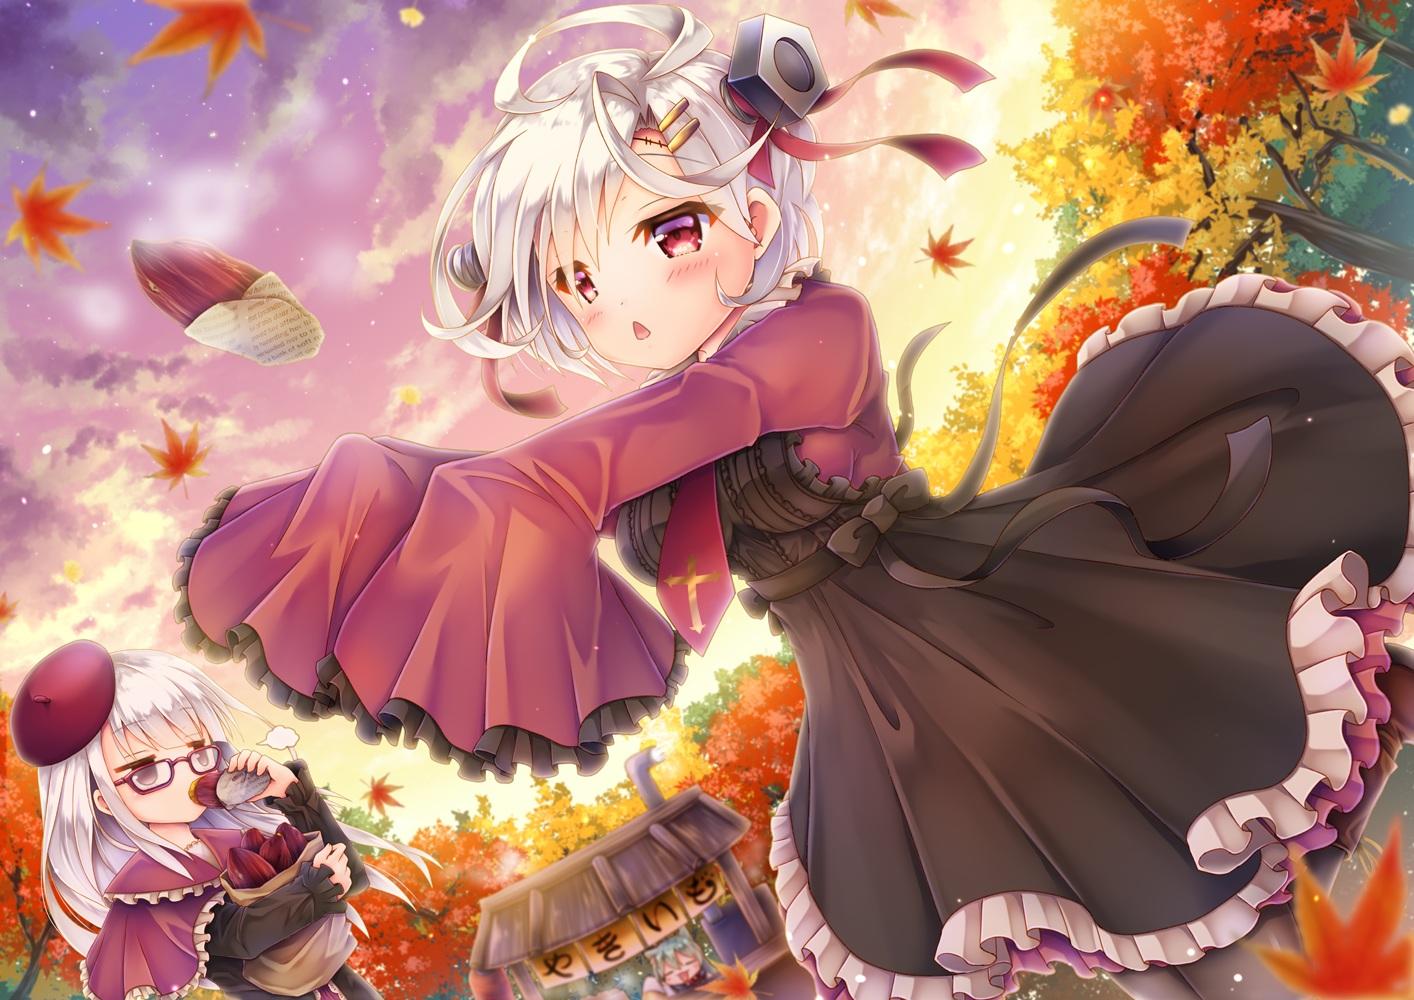 akashi_(azur_lane) anthropomorphism autumn azur_lane blush bow catgirl chibi clouds dress erebus_(azur_lane) food glasses gray_hair leaves pantyhose red_eyes sky terror_(azur_lane) tie tree yorarry